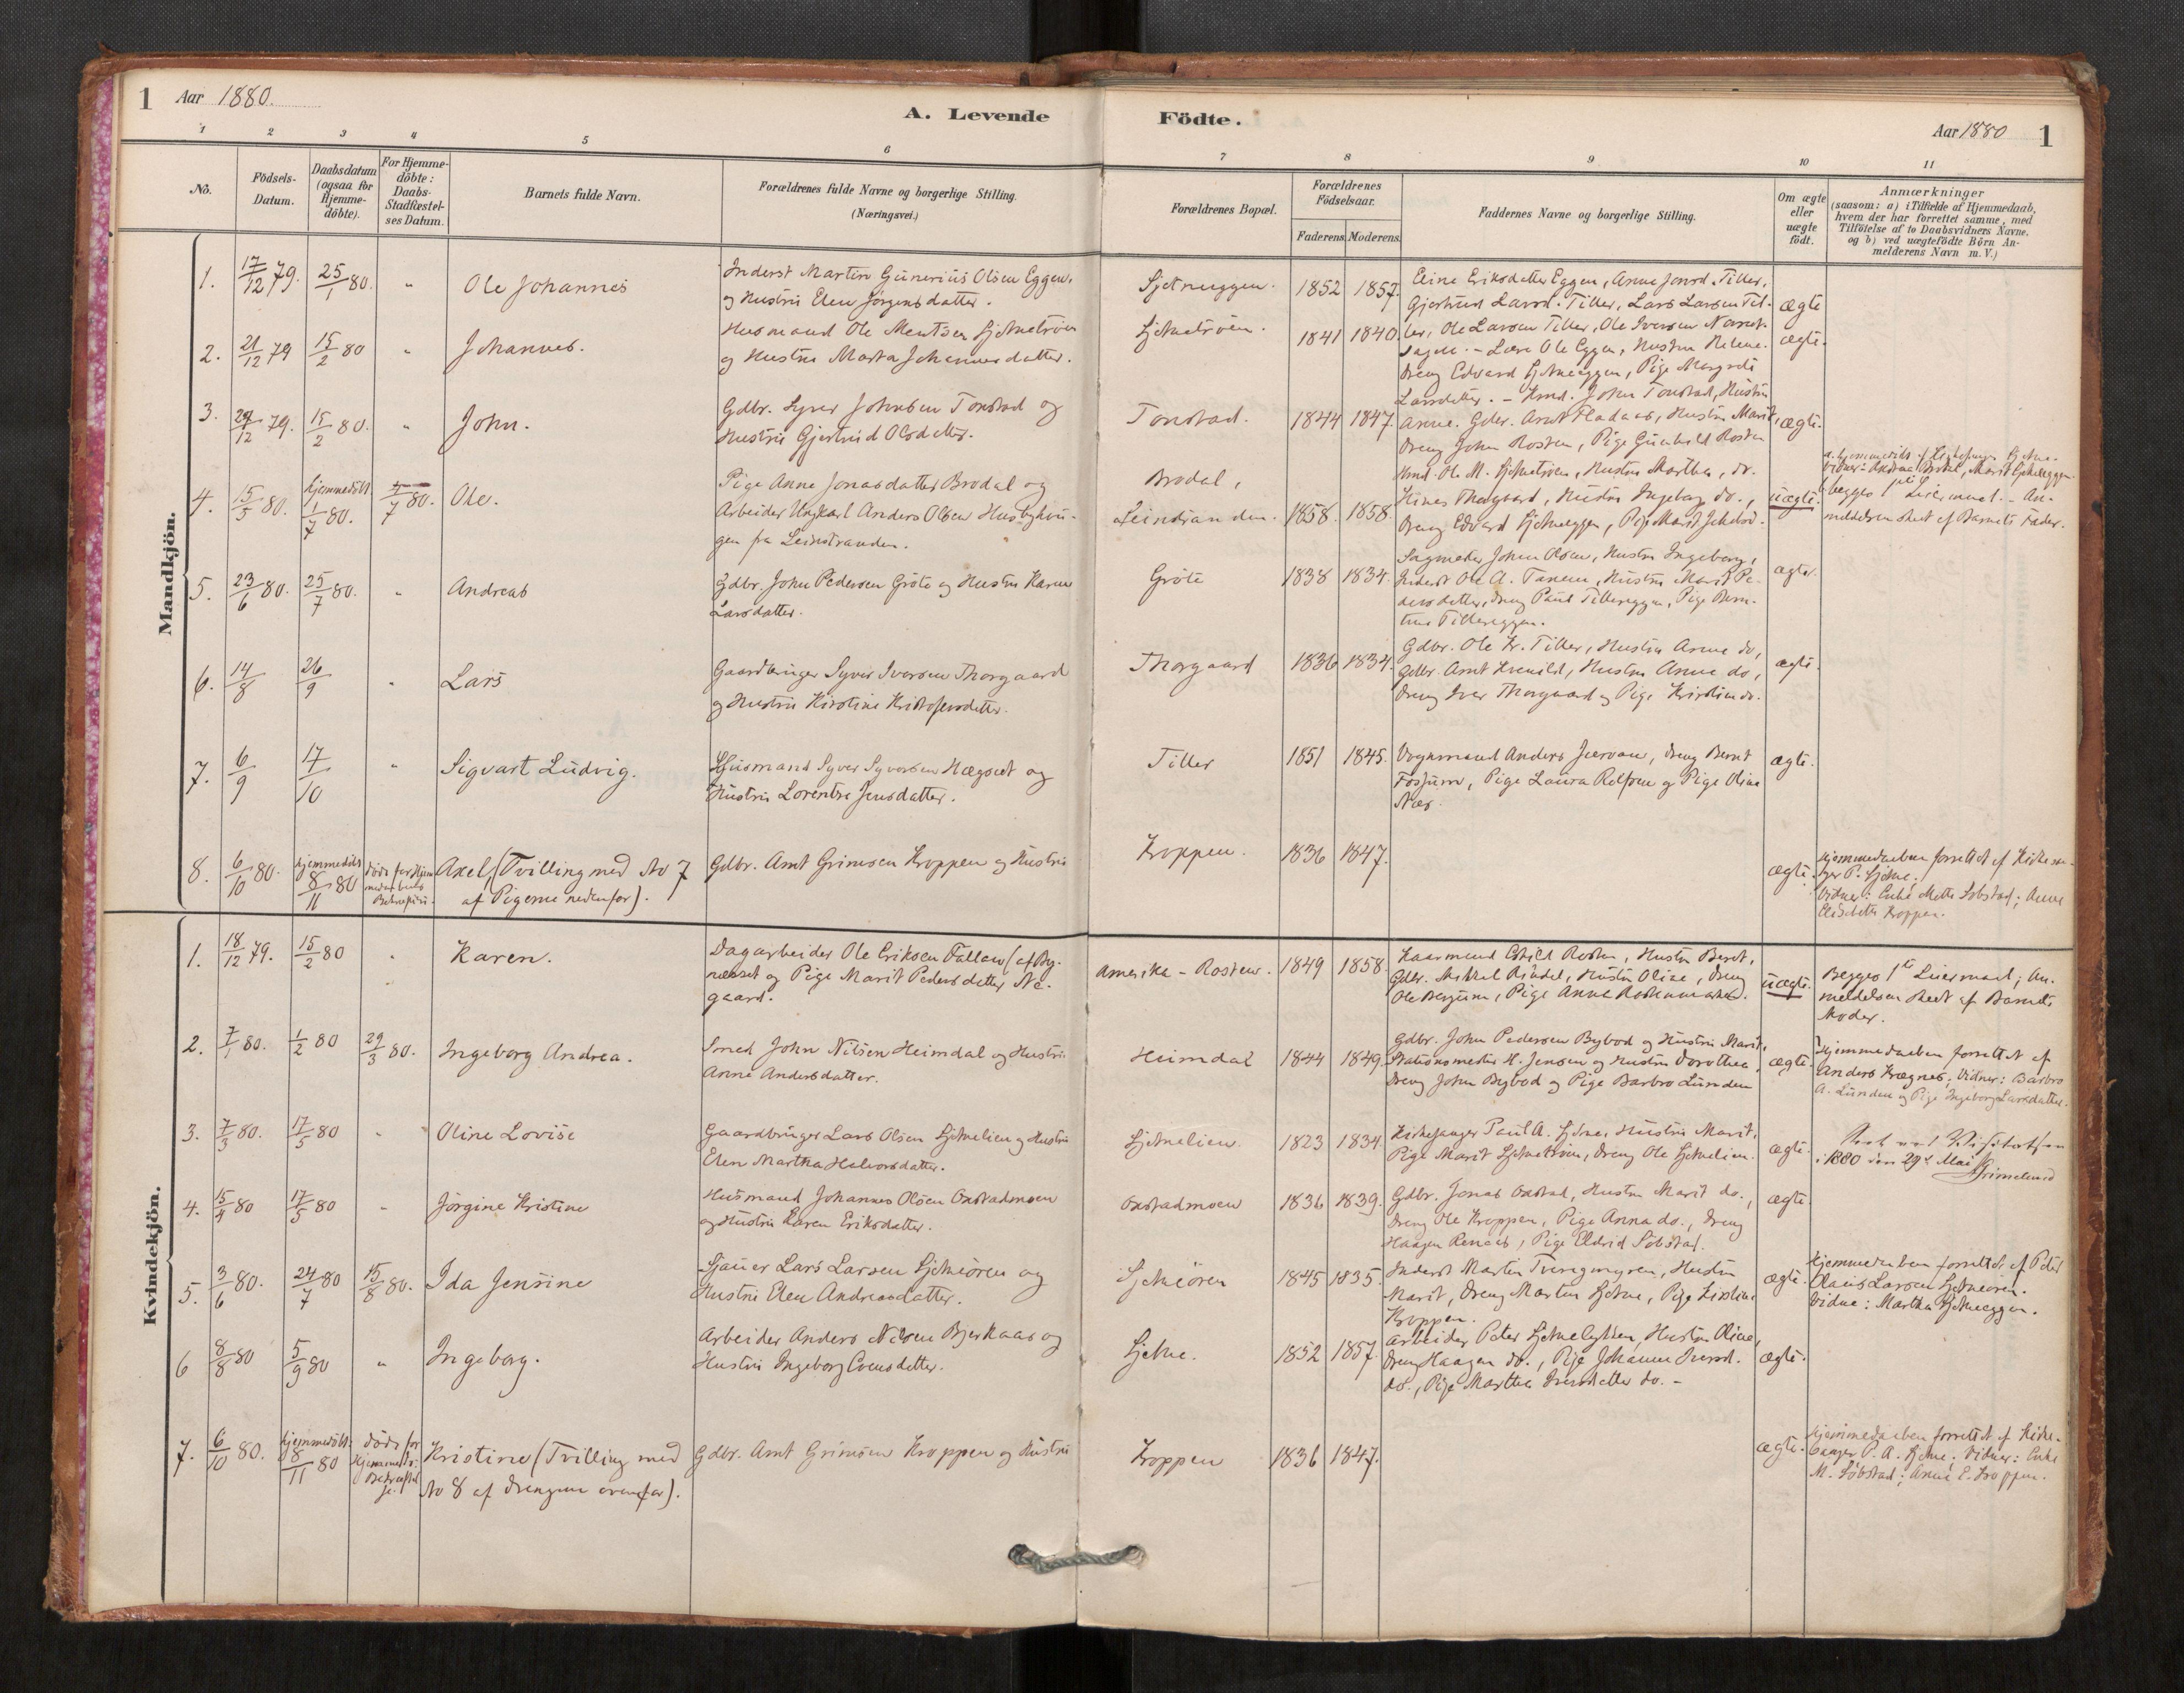 SAT, Klæbu sokneprestkontor, Parish register (official) no. 1, 1880-1900, p. 1